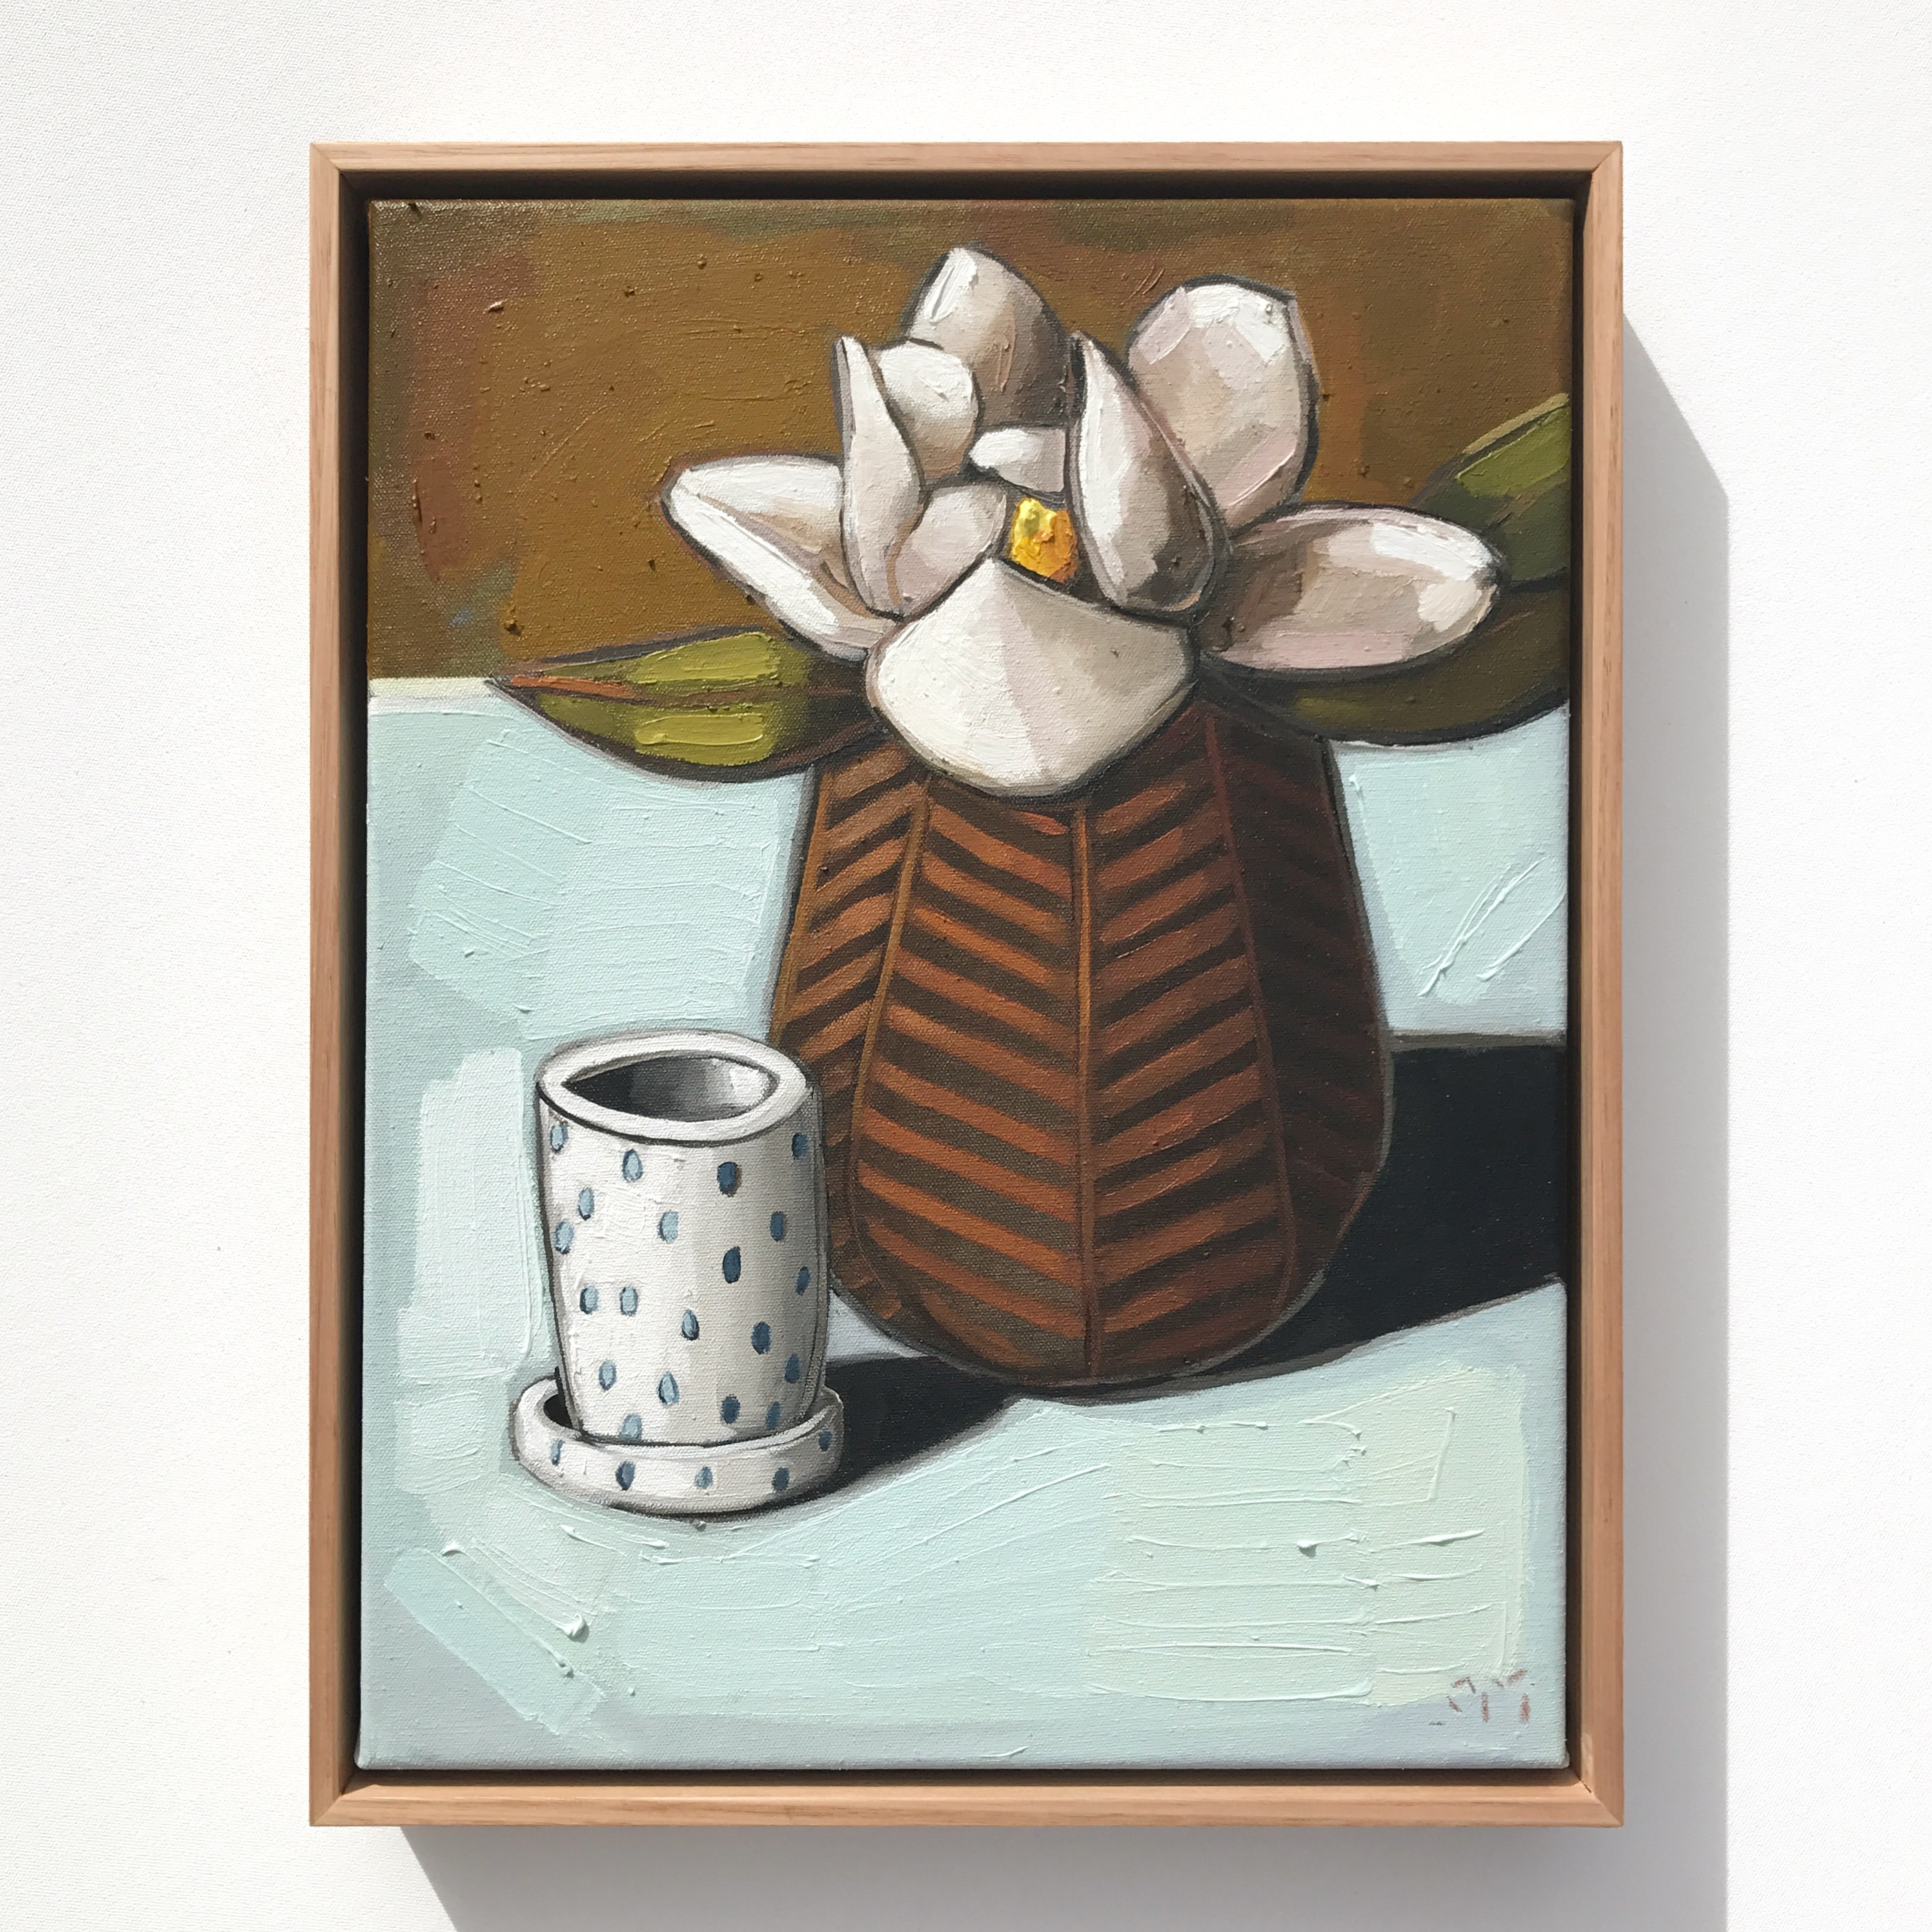 12_17 EMPEREUR 'Magnolia & Spotty Mug' 45x35cm $1,195